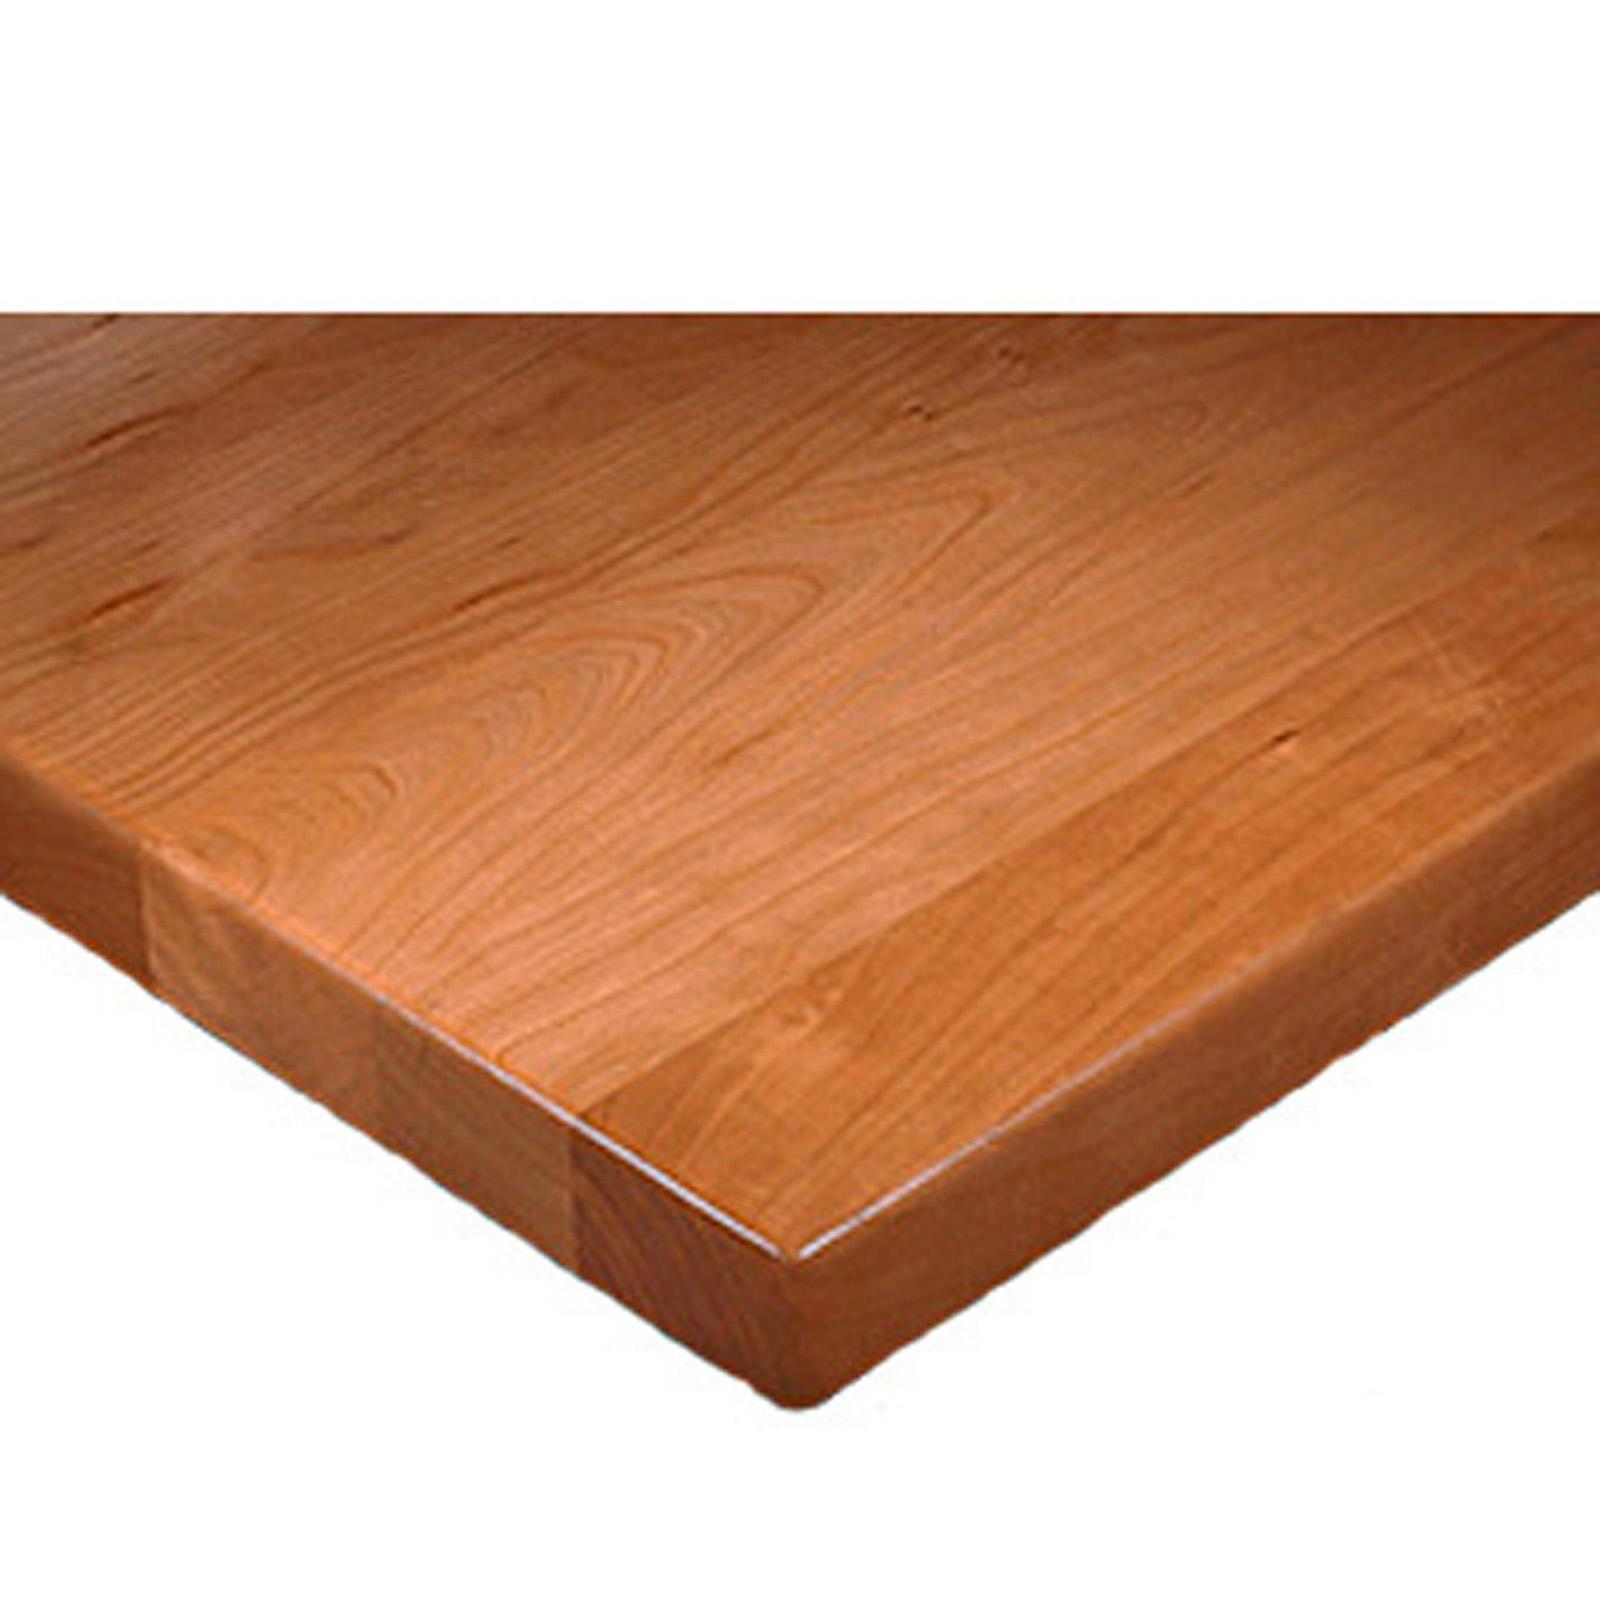 Oak Street PPO42FLIP60 table top, wood